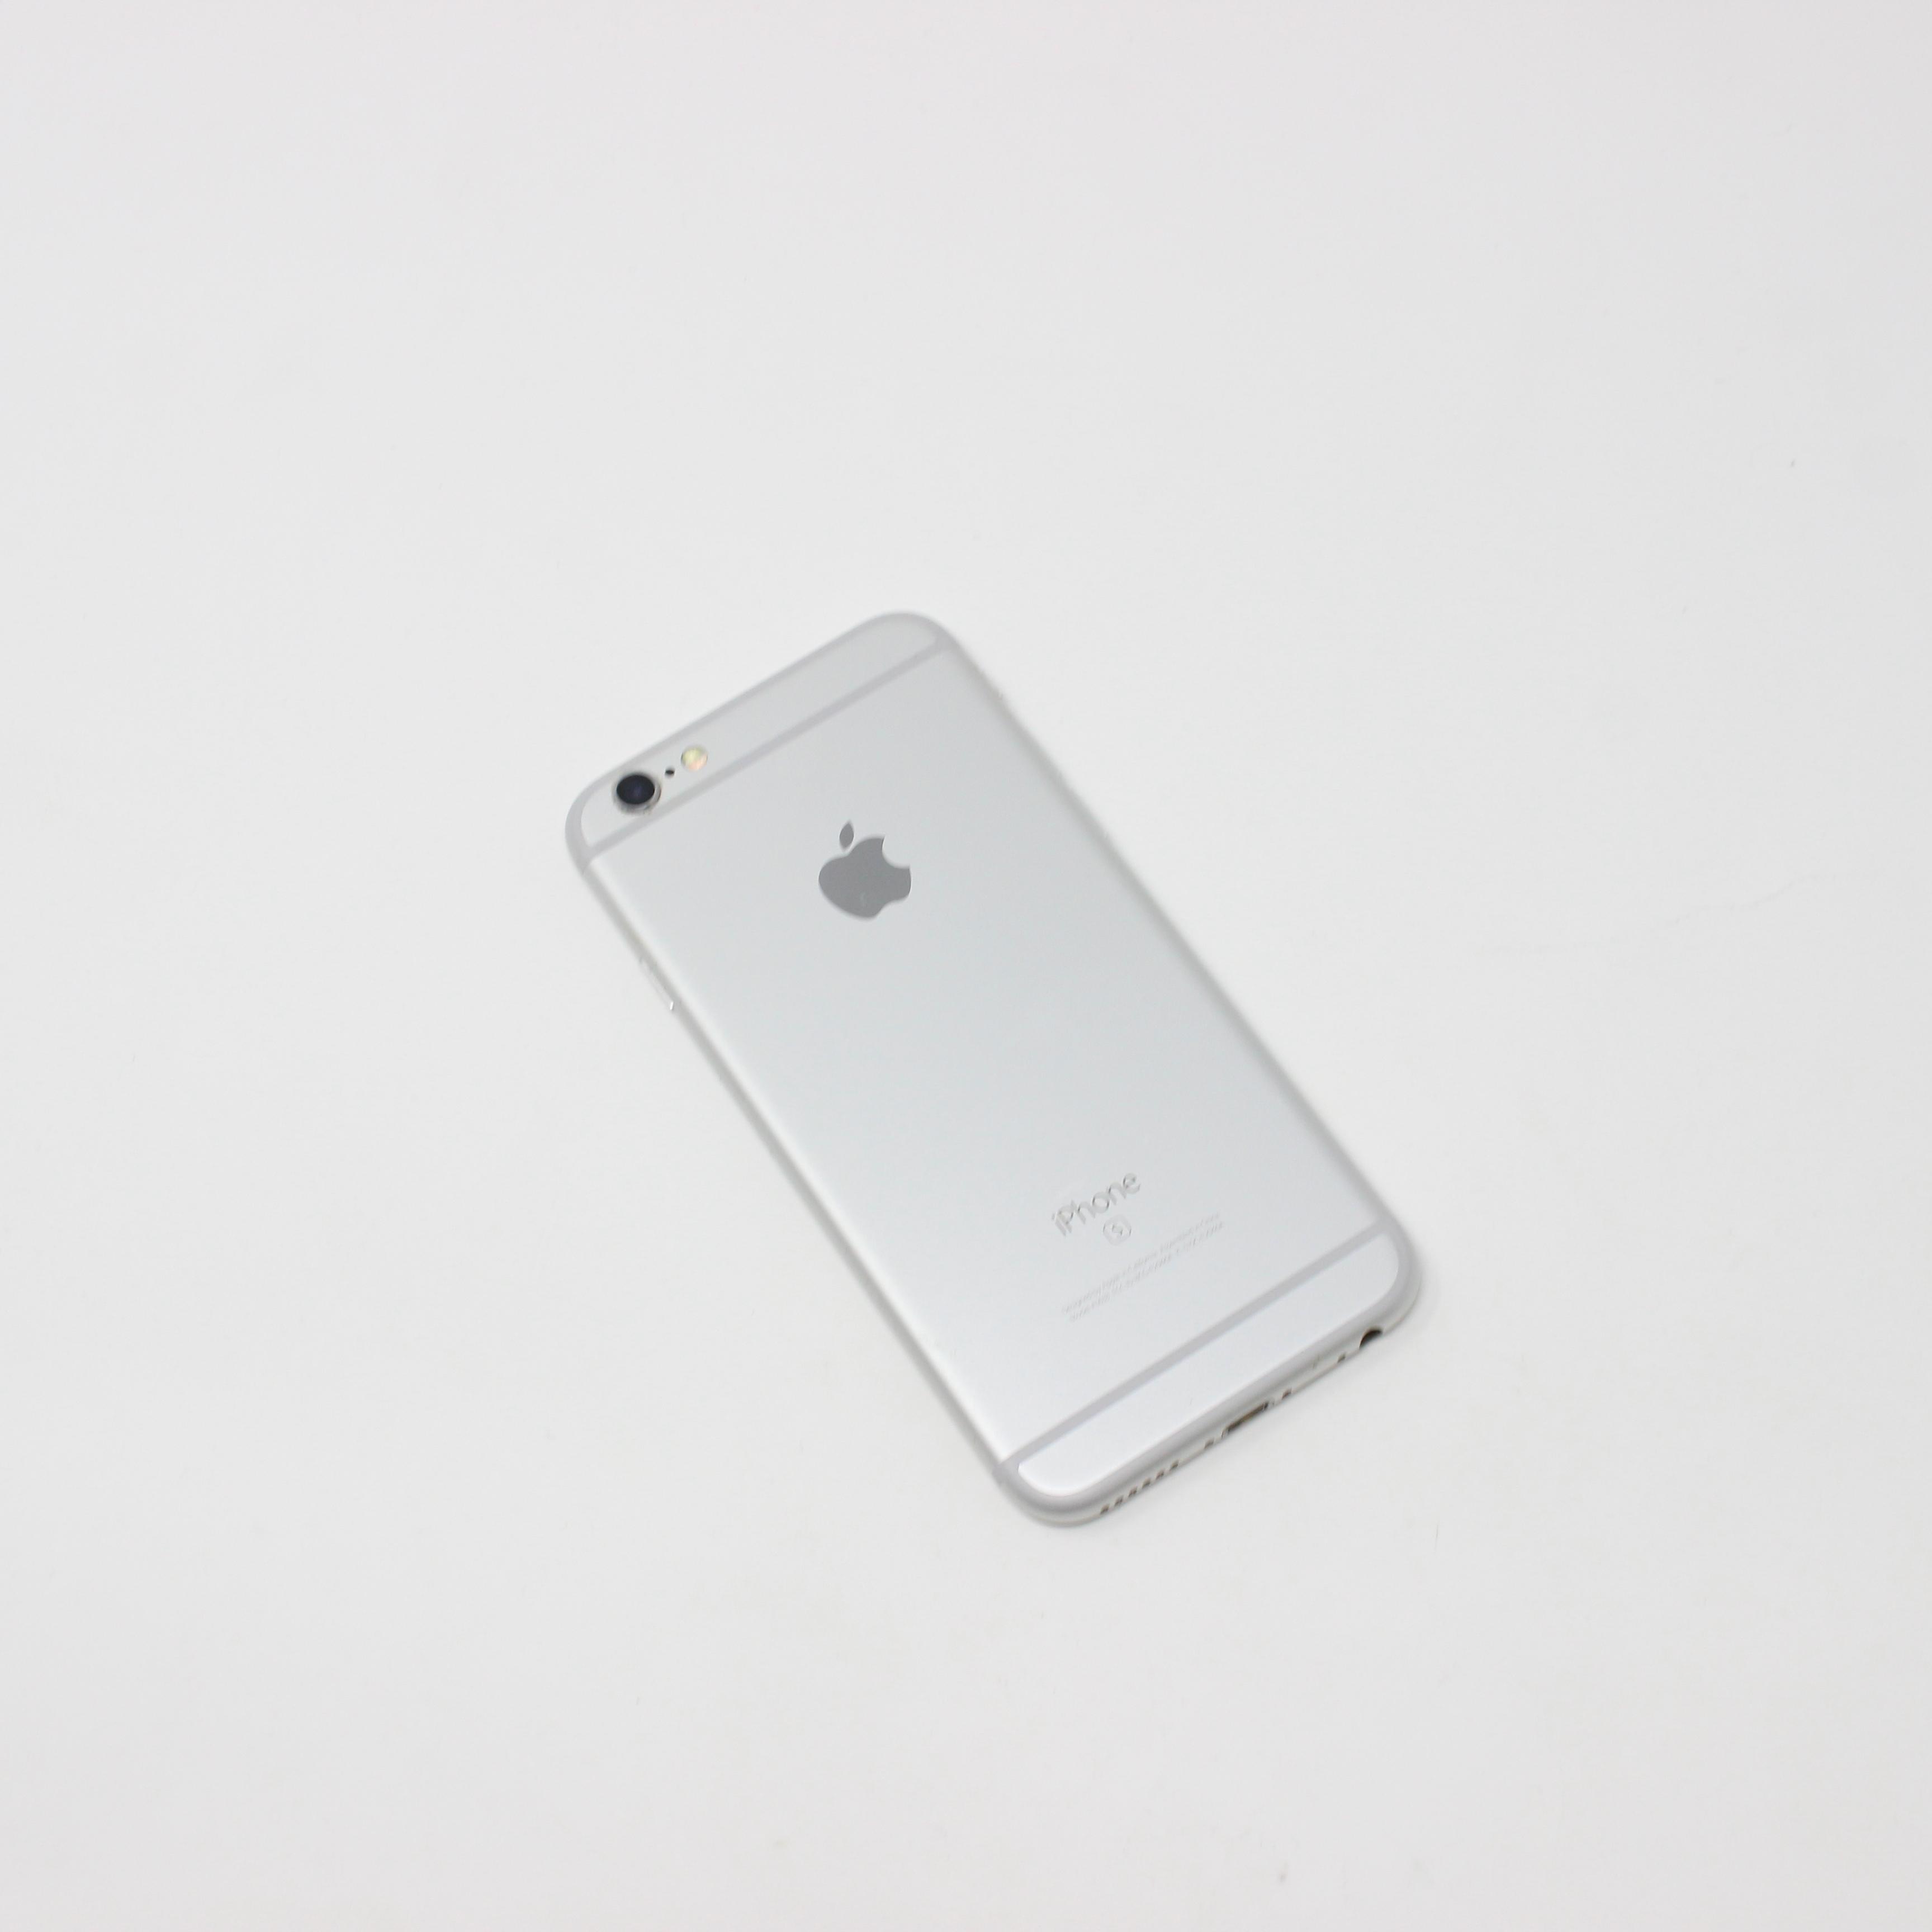 iPhone 6S 64GB Silver - AT&T photo 3   UpTradeit.com